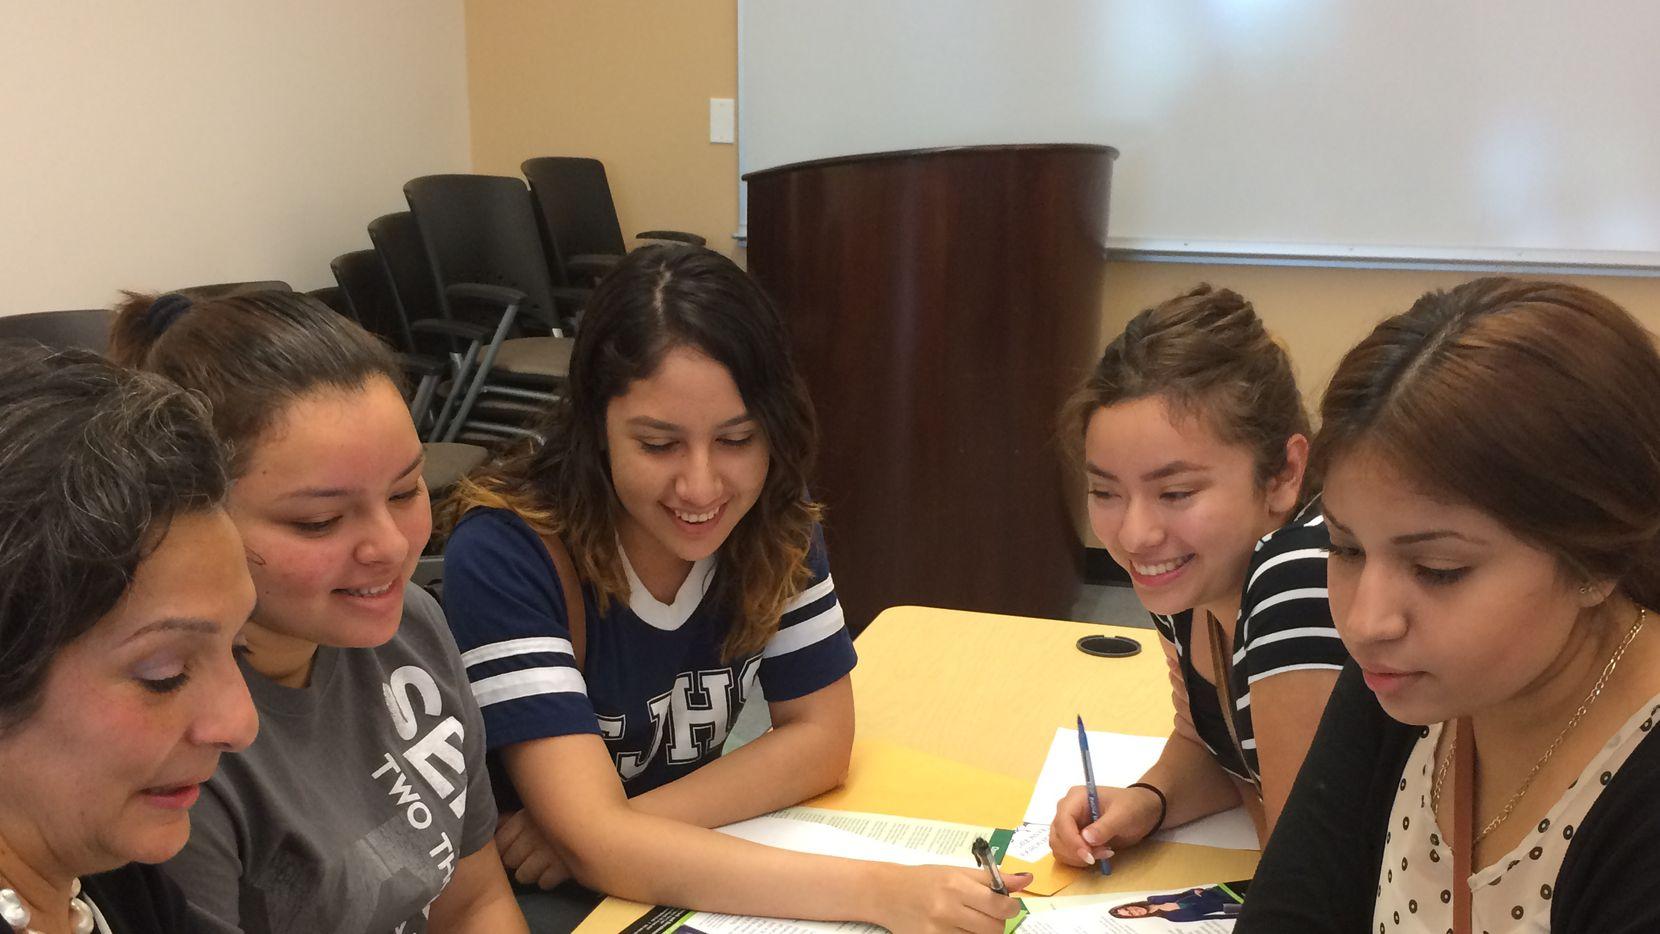 """El programa """"Destination Registration"""" es presentado por los colegios comunitarios de Dallas y ofrece ayuda a los graduados del distrito escolar de Dallas. (CORTESÍA)"""